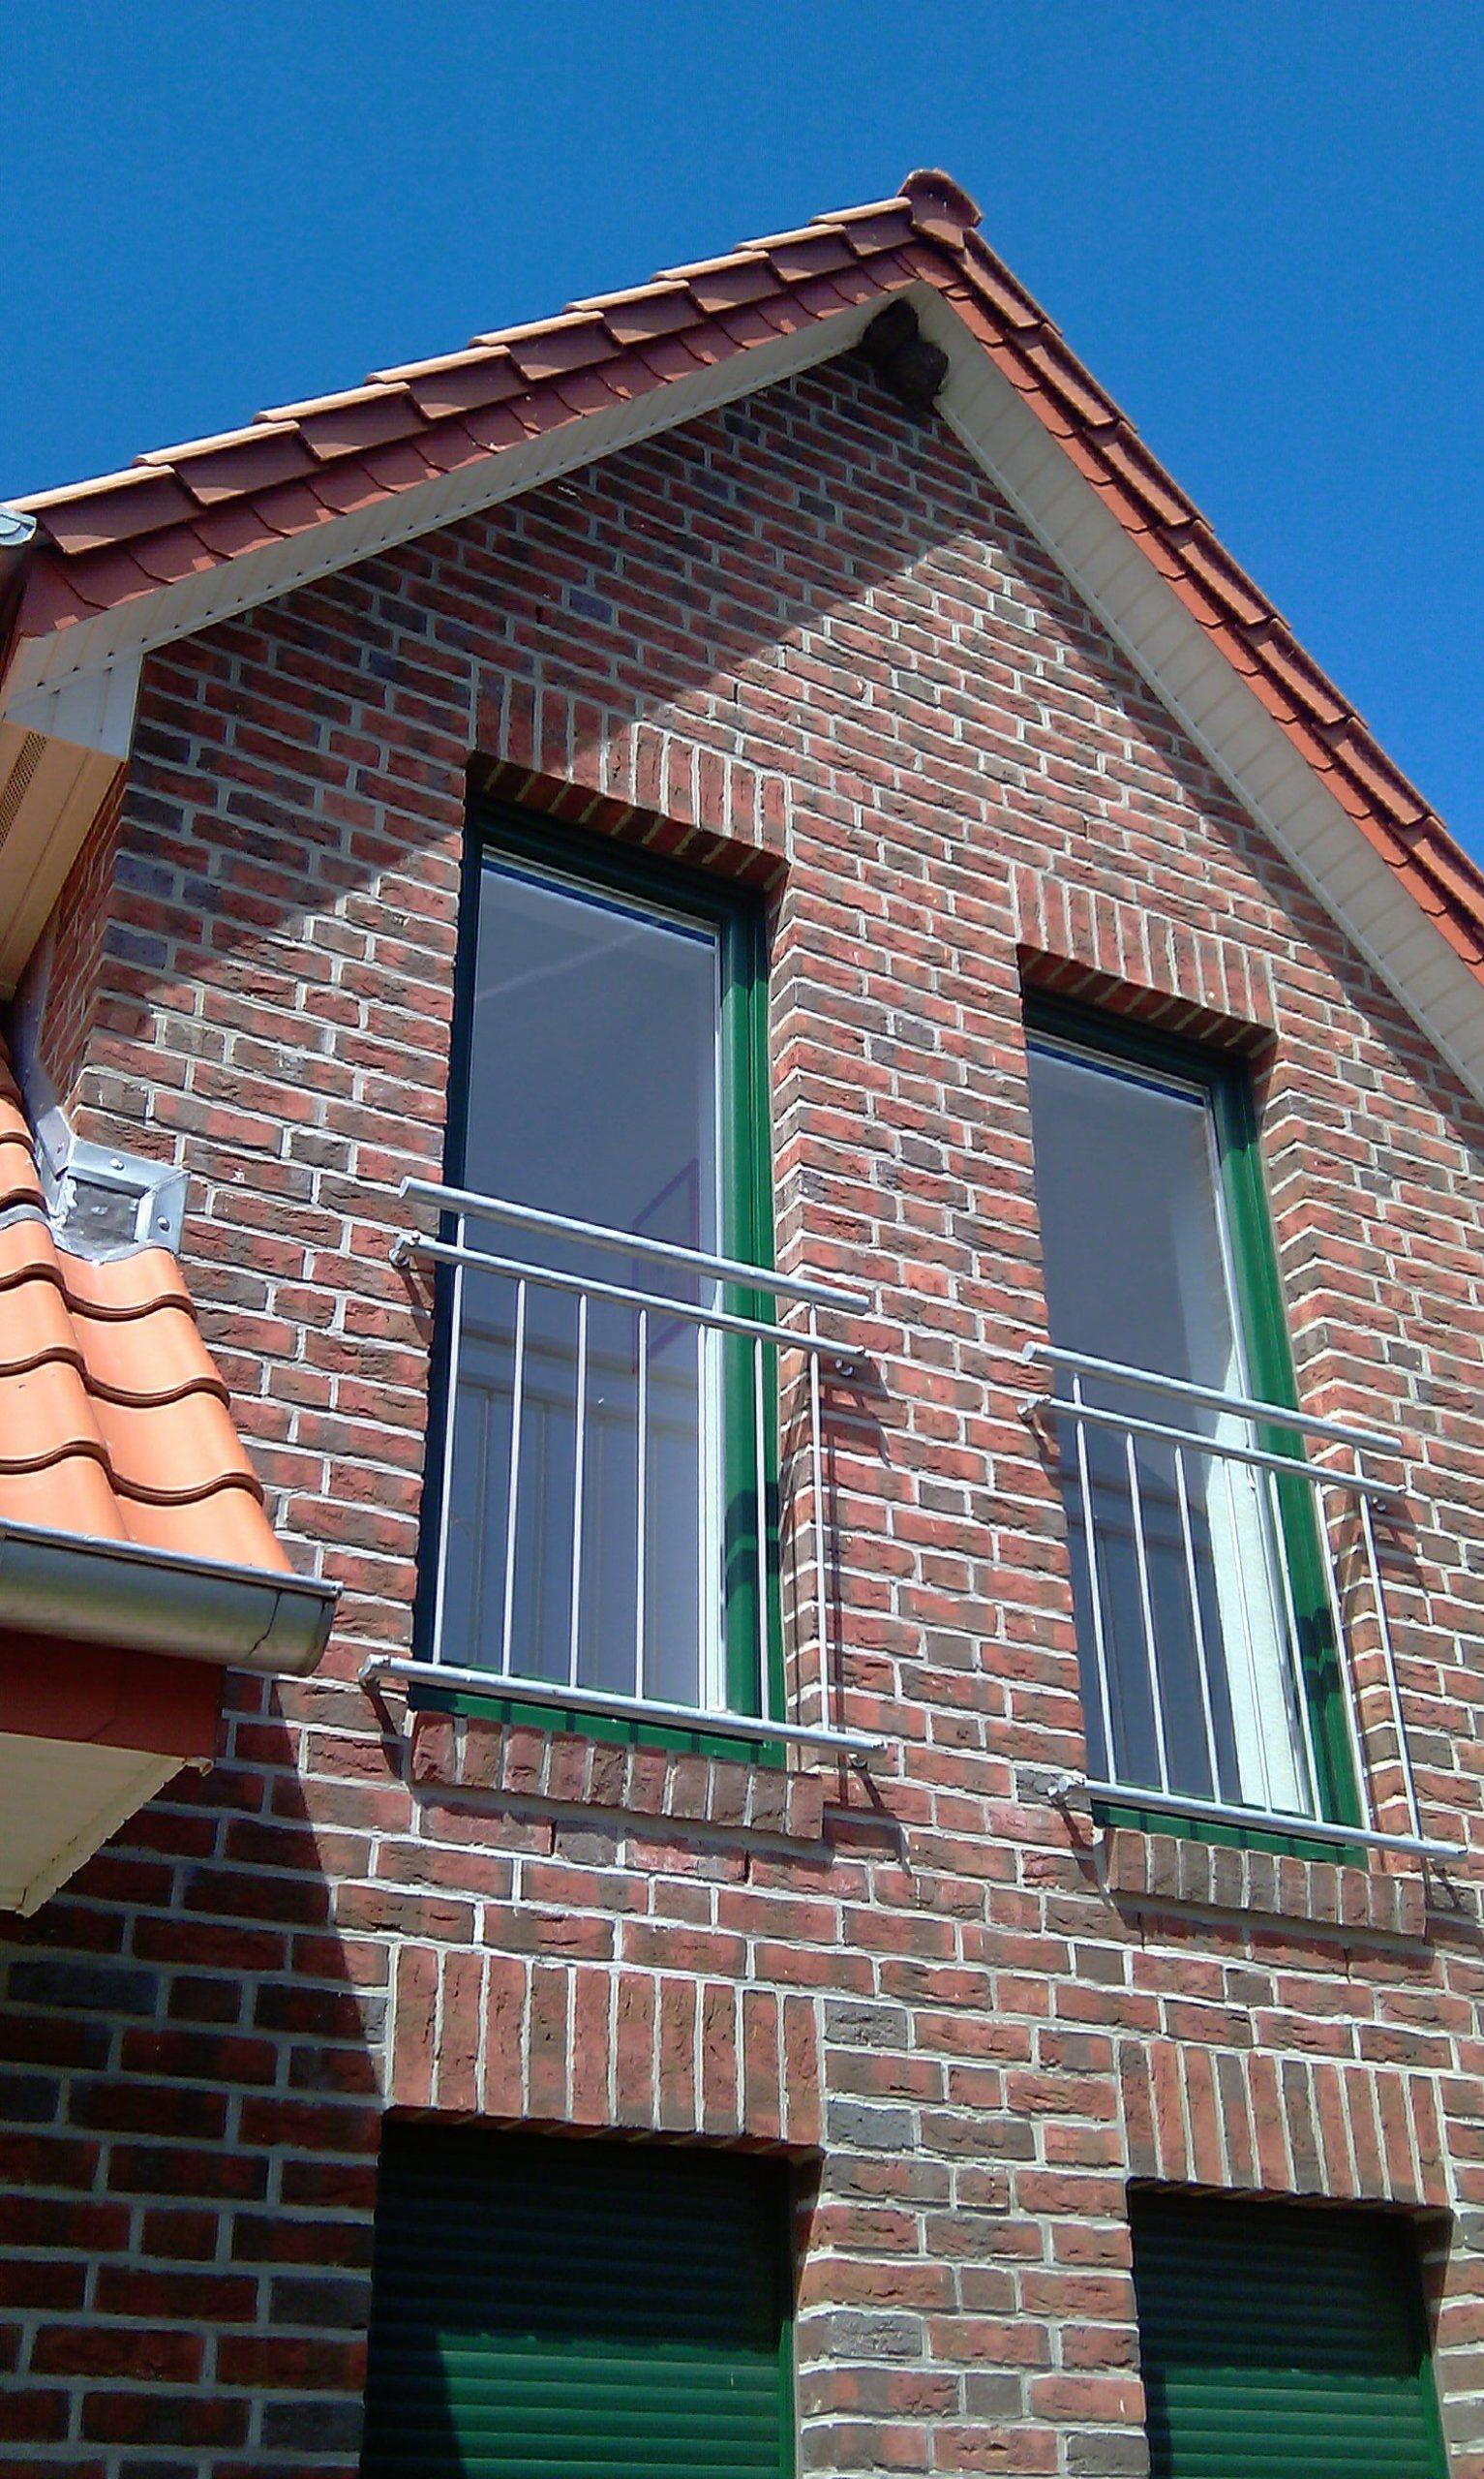 Full Size of Bodentiefe Fenster Mit Absturzsicherung Im Dachgeschoss Drutex Meeth Ebay Beleuchtung Jalousien Innen Verdunkelung Schallschutz Günstige Rolladen Fenster Fenster Bodentief